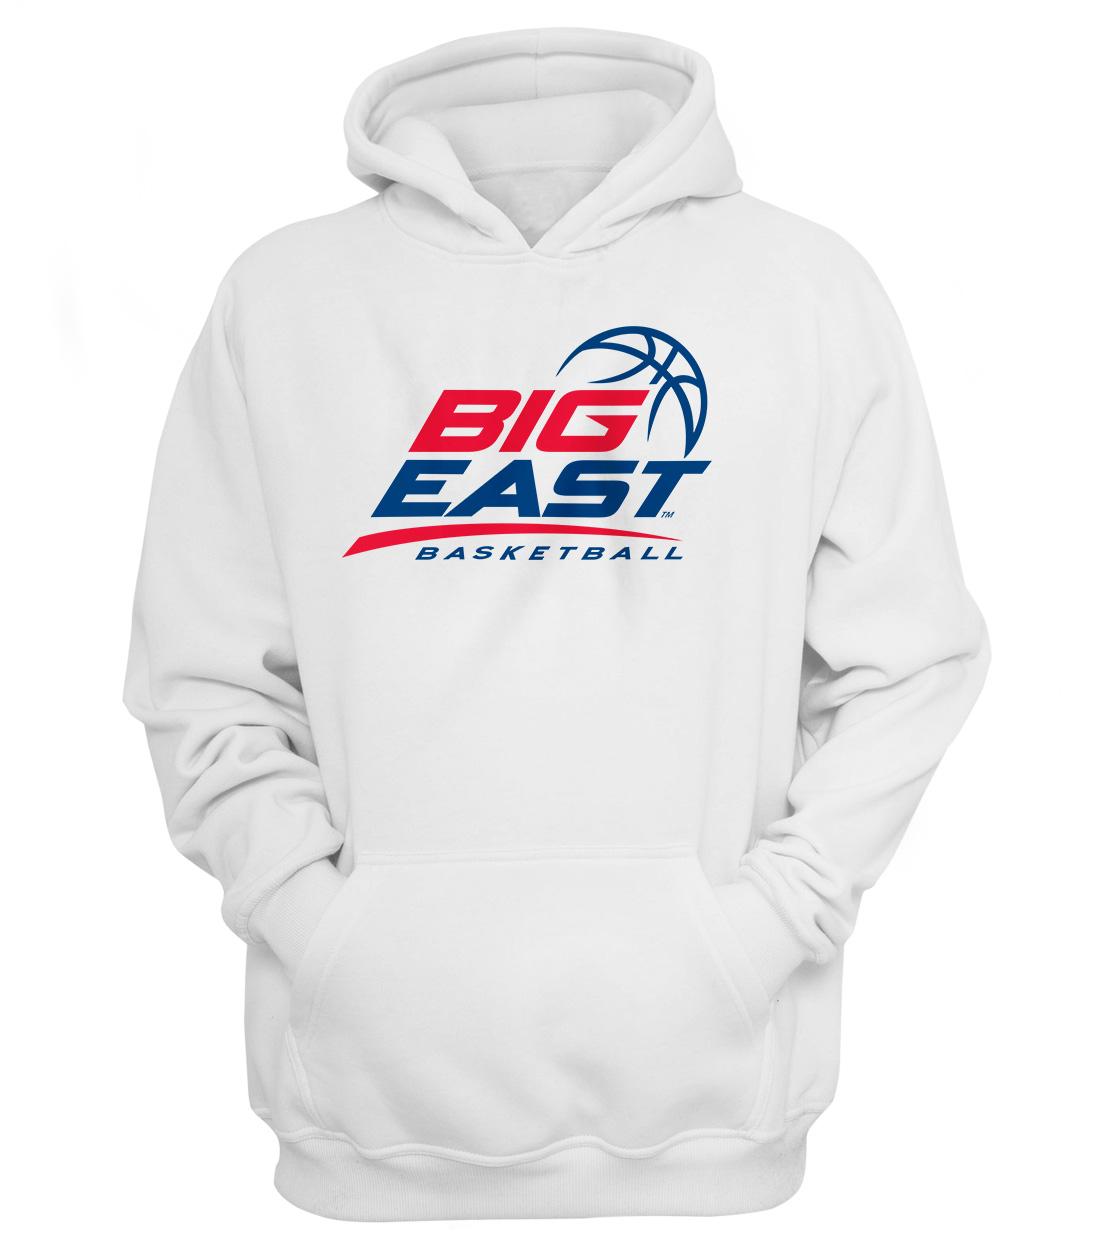 Big East Basketball Hoodie (HD-WHT-ncaa-NP-bigeast-651)